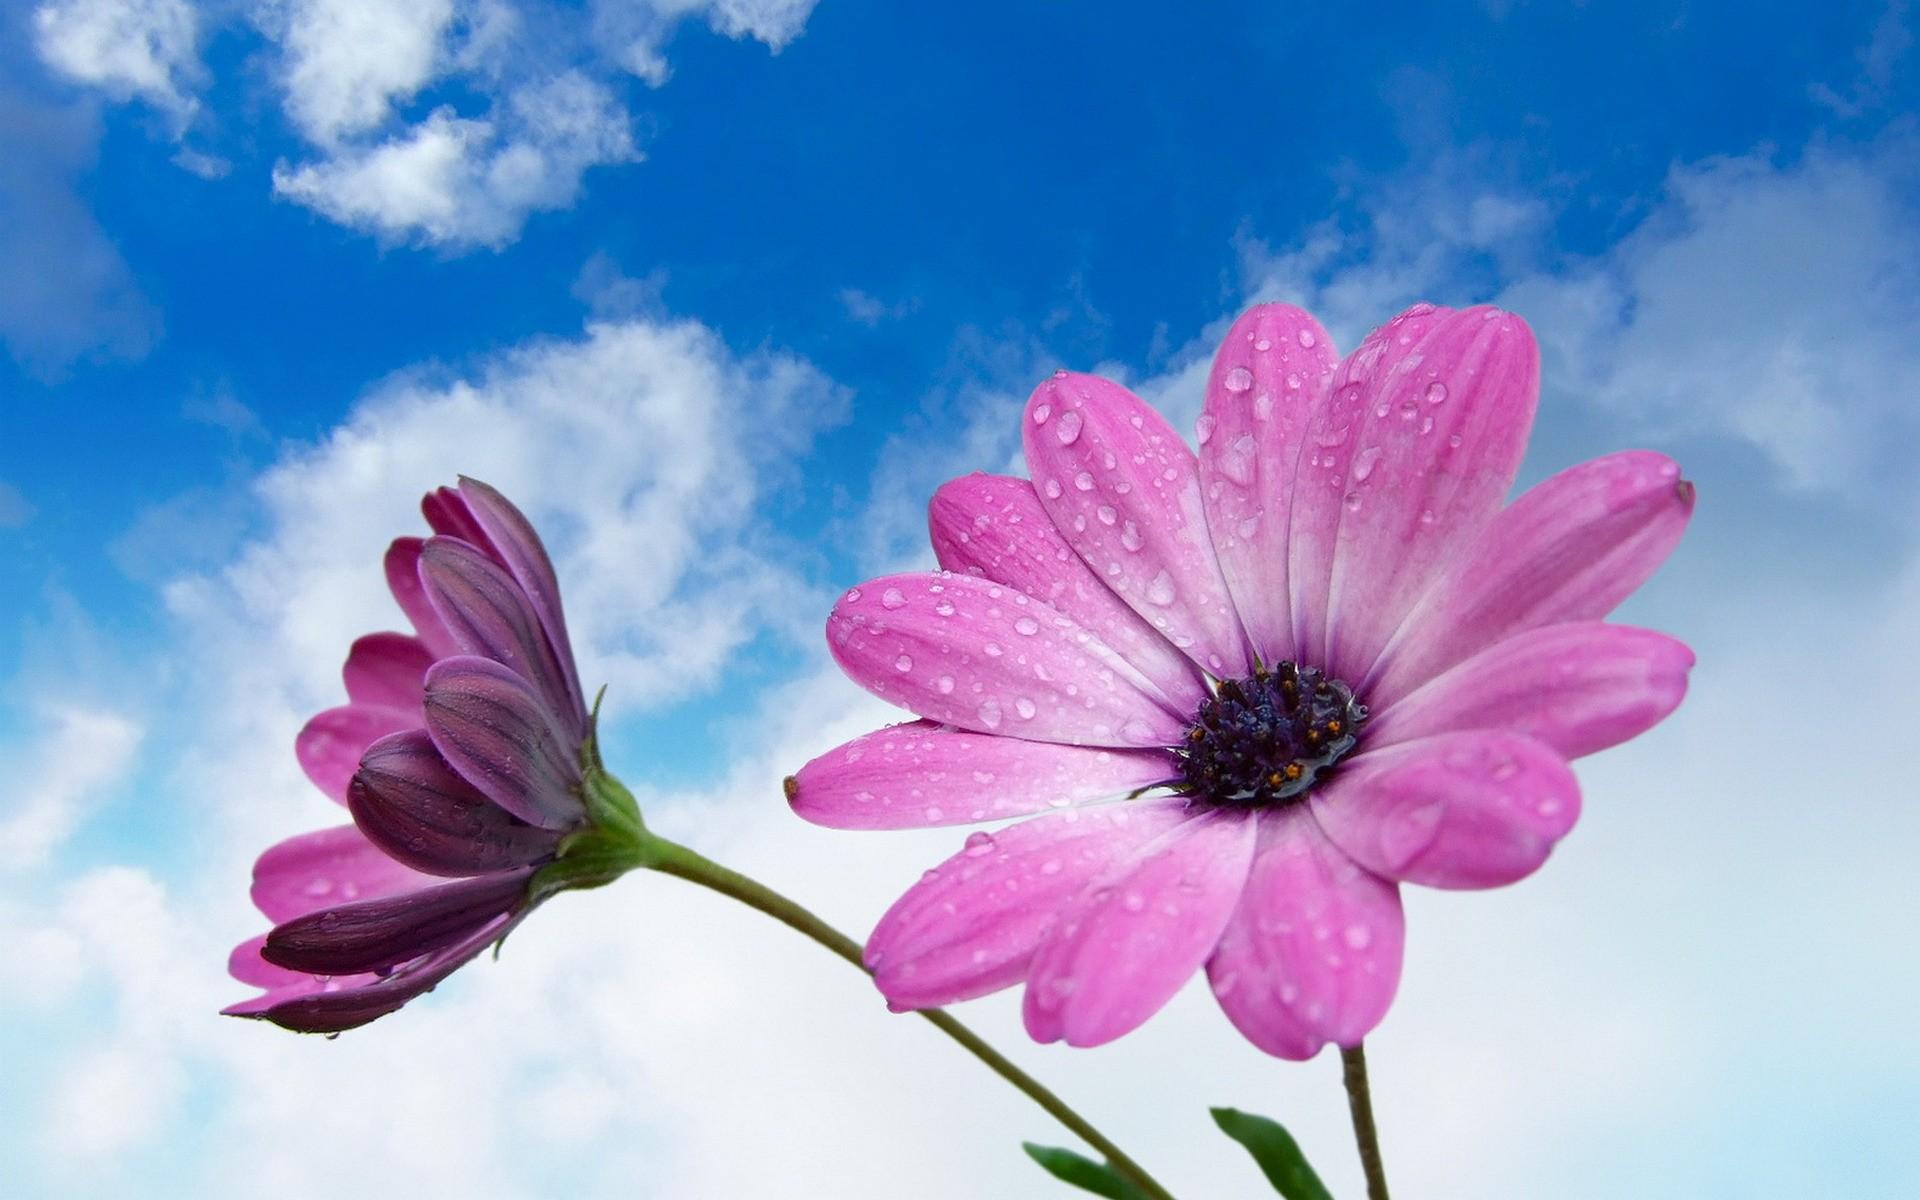 Flores moradas en macro - 1920x1200